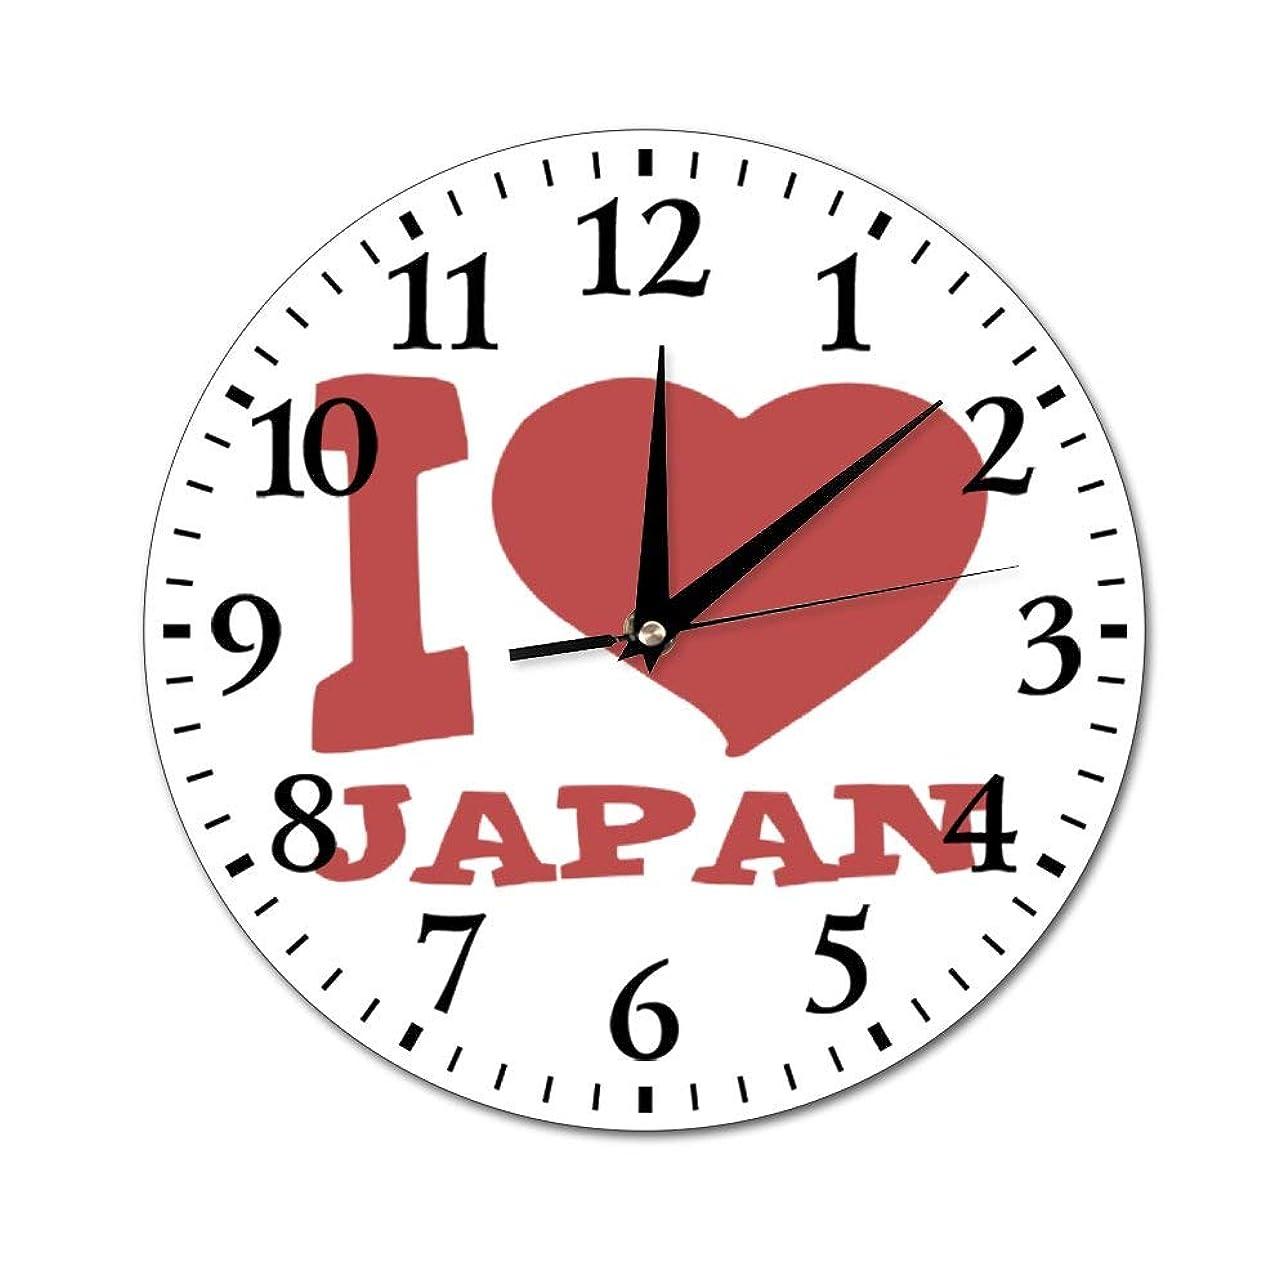 告白する人里離れた恩赦I LOVE Japan スマホリング ホームオフィスの学校のための円形の非カチカチの壁時計Dia25 cmの家の装飾的な卓上時計